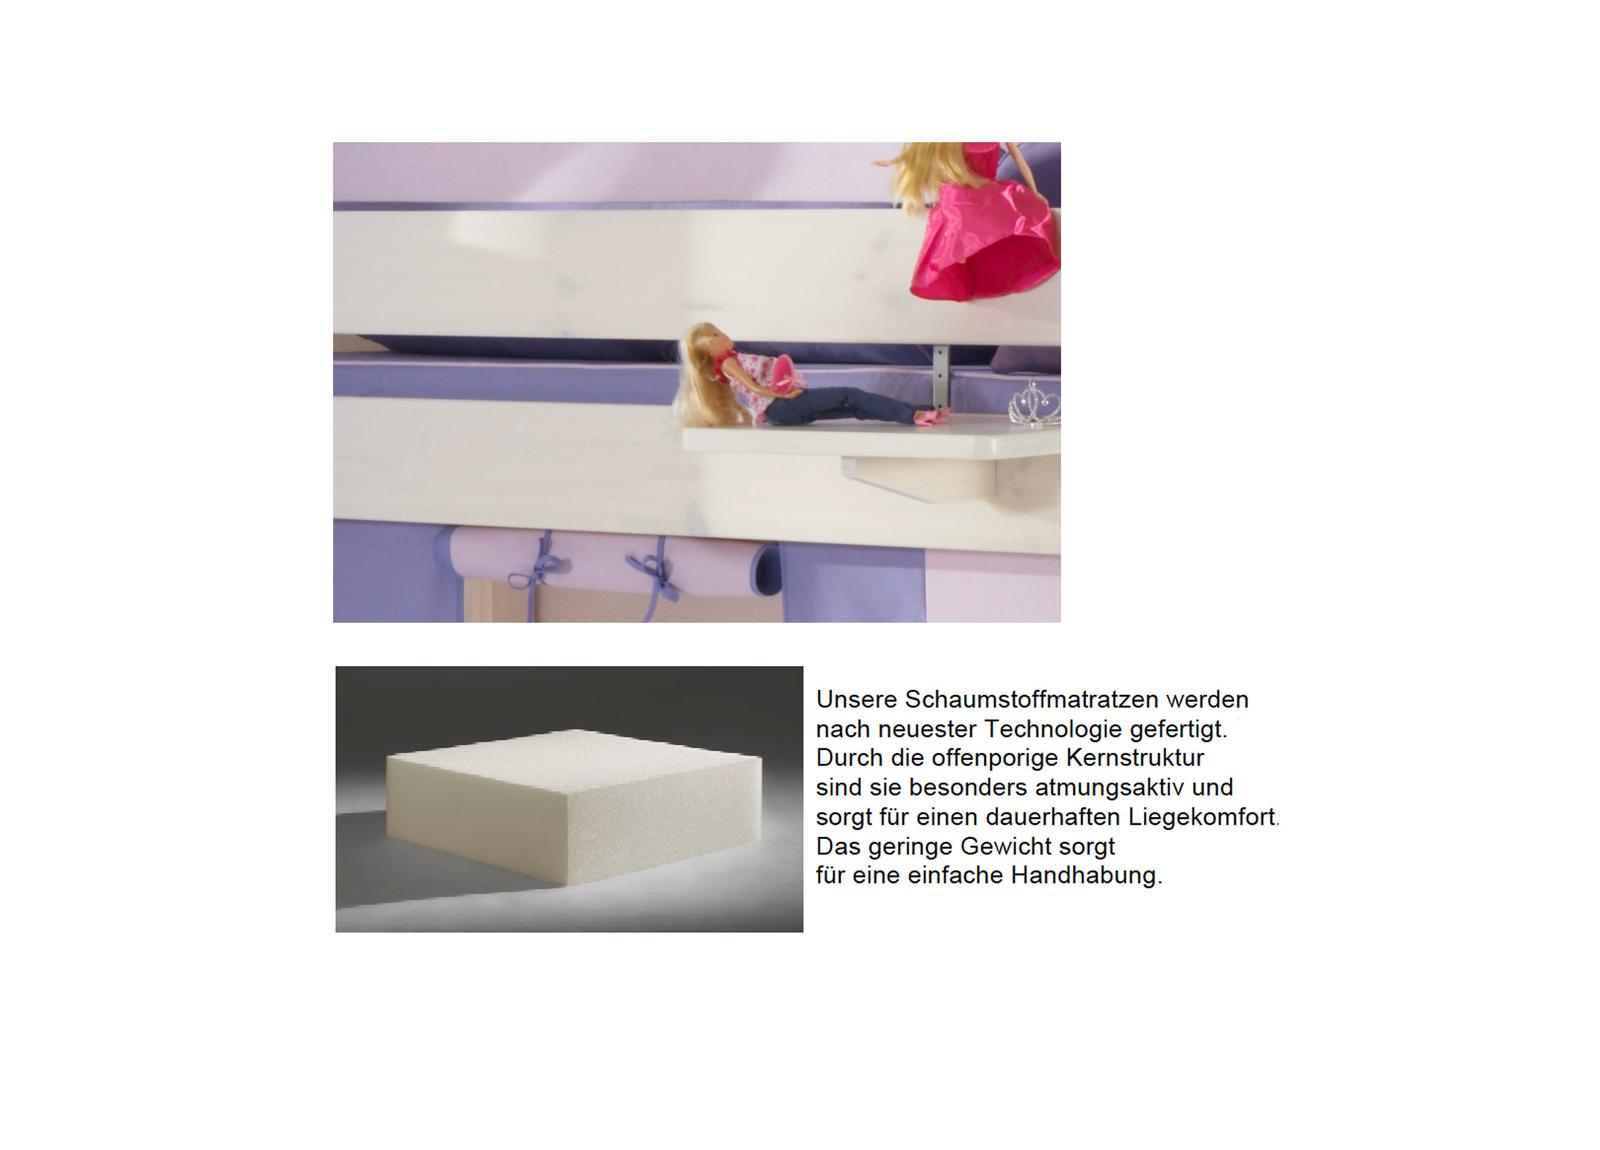 Dolphin Kinderzimmer Halbhochbett Lavendeltraum, Bild 10